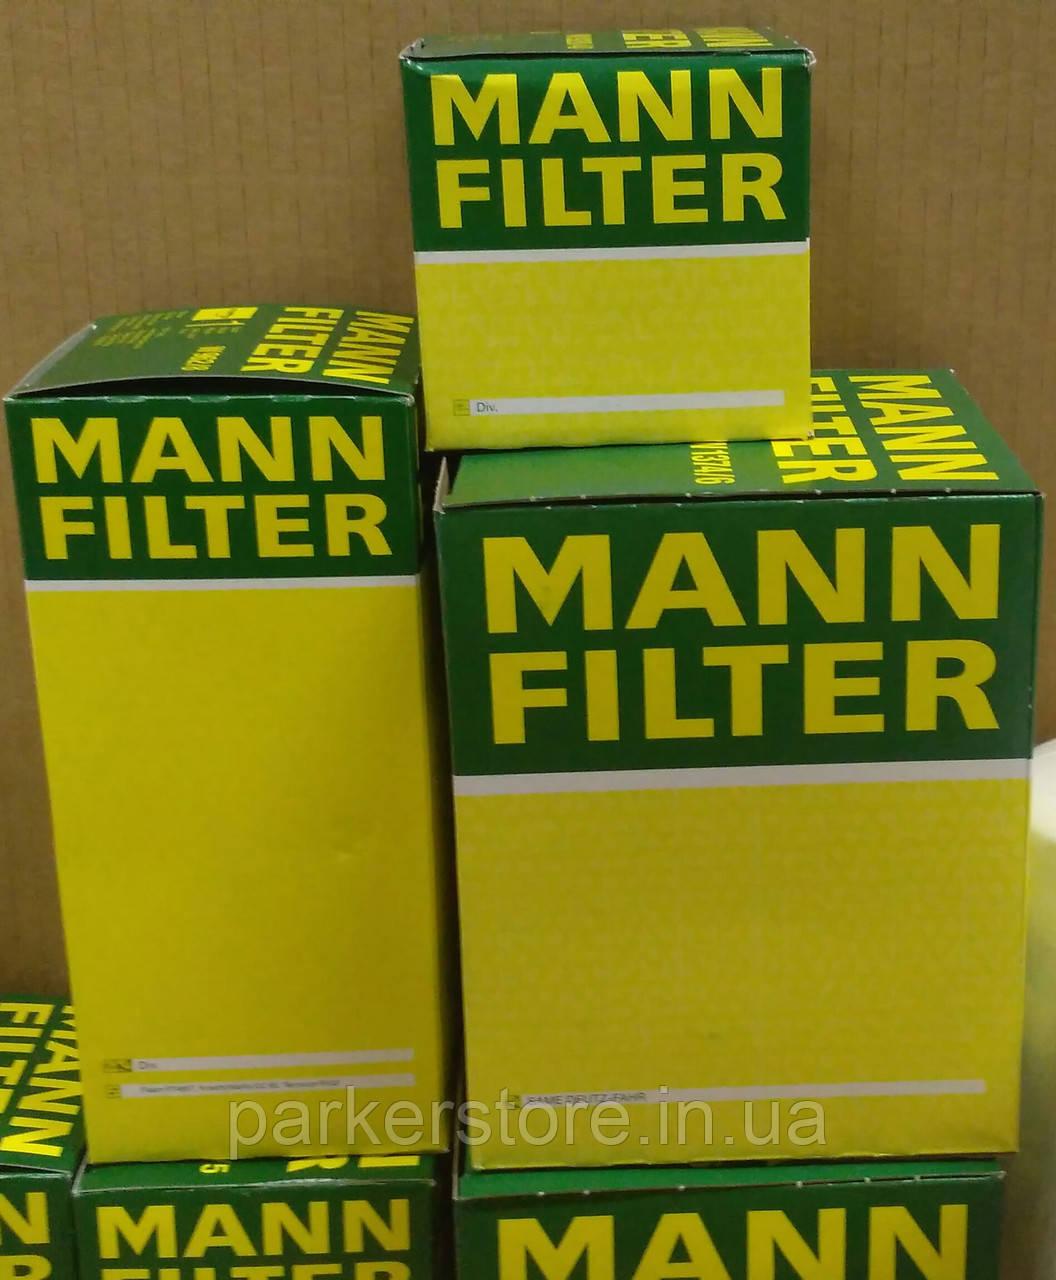 MANN FILTER / Повітряний фільтр / C 15 008 / C15008